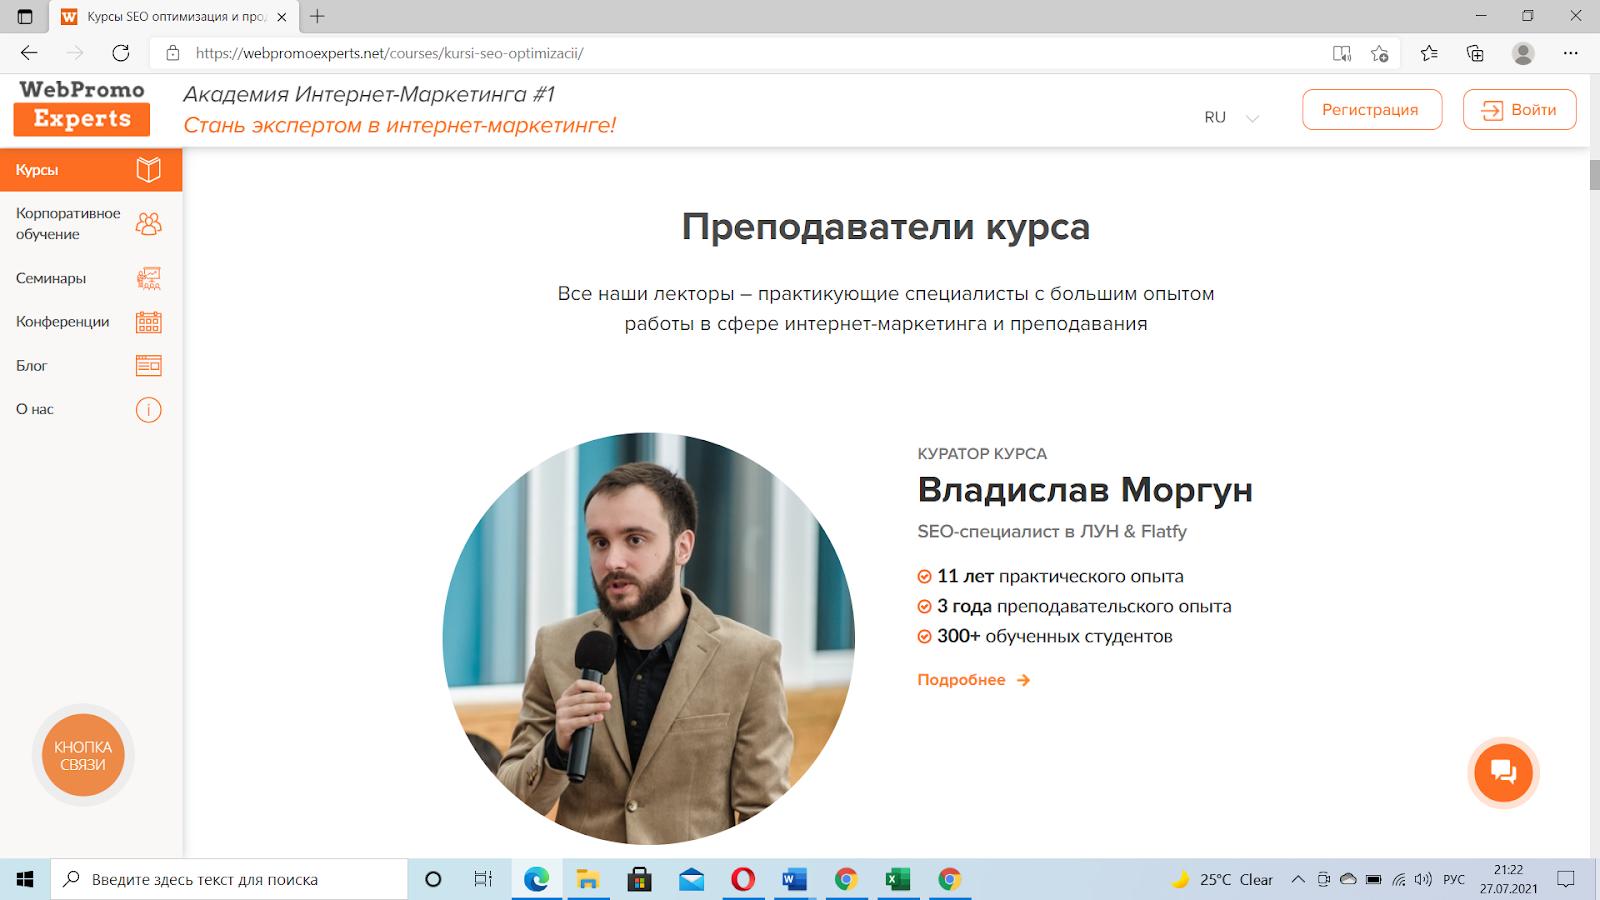 Преподаватели на курсах SEO от WebPromoExperts — известные специалисты